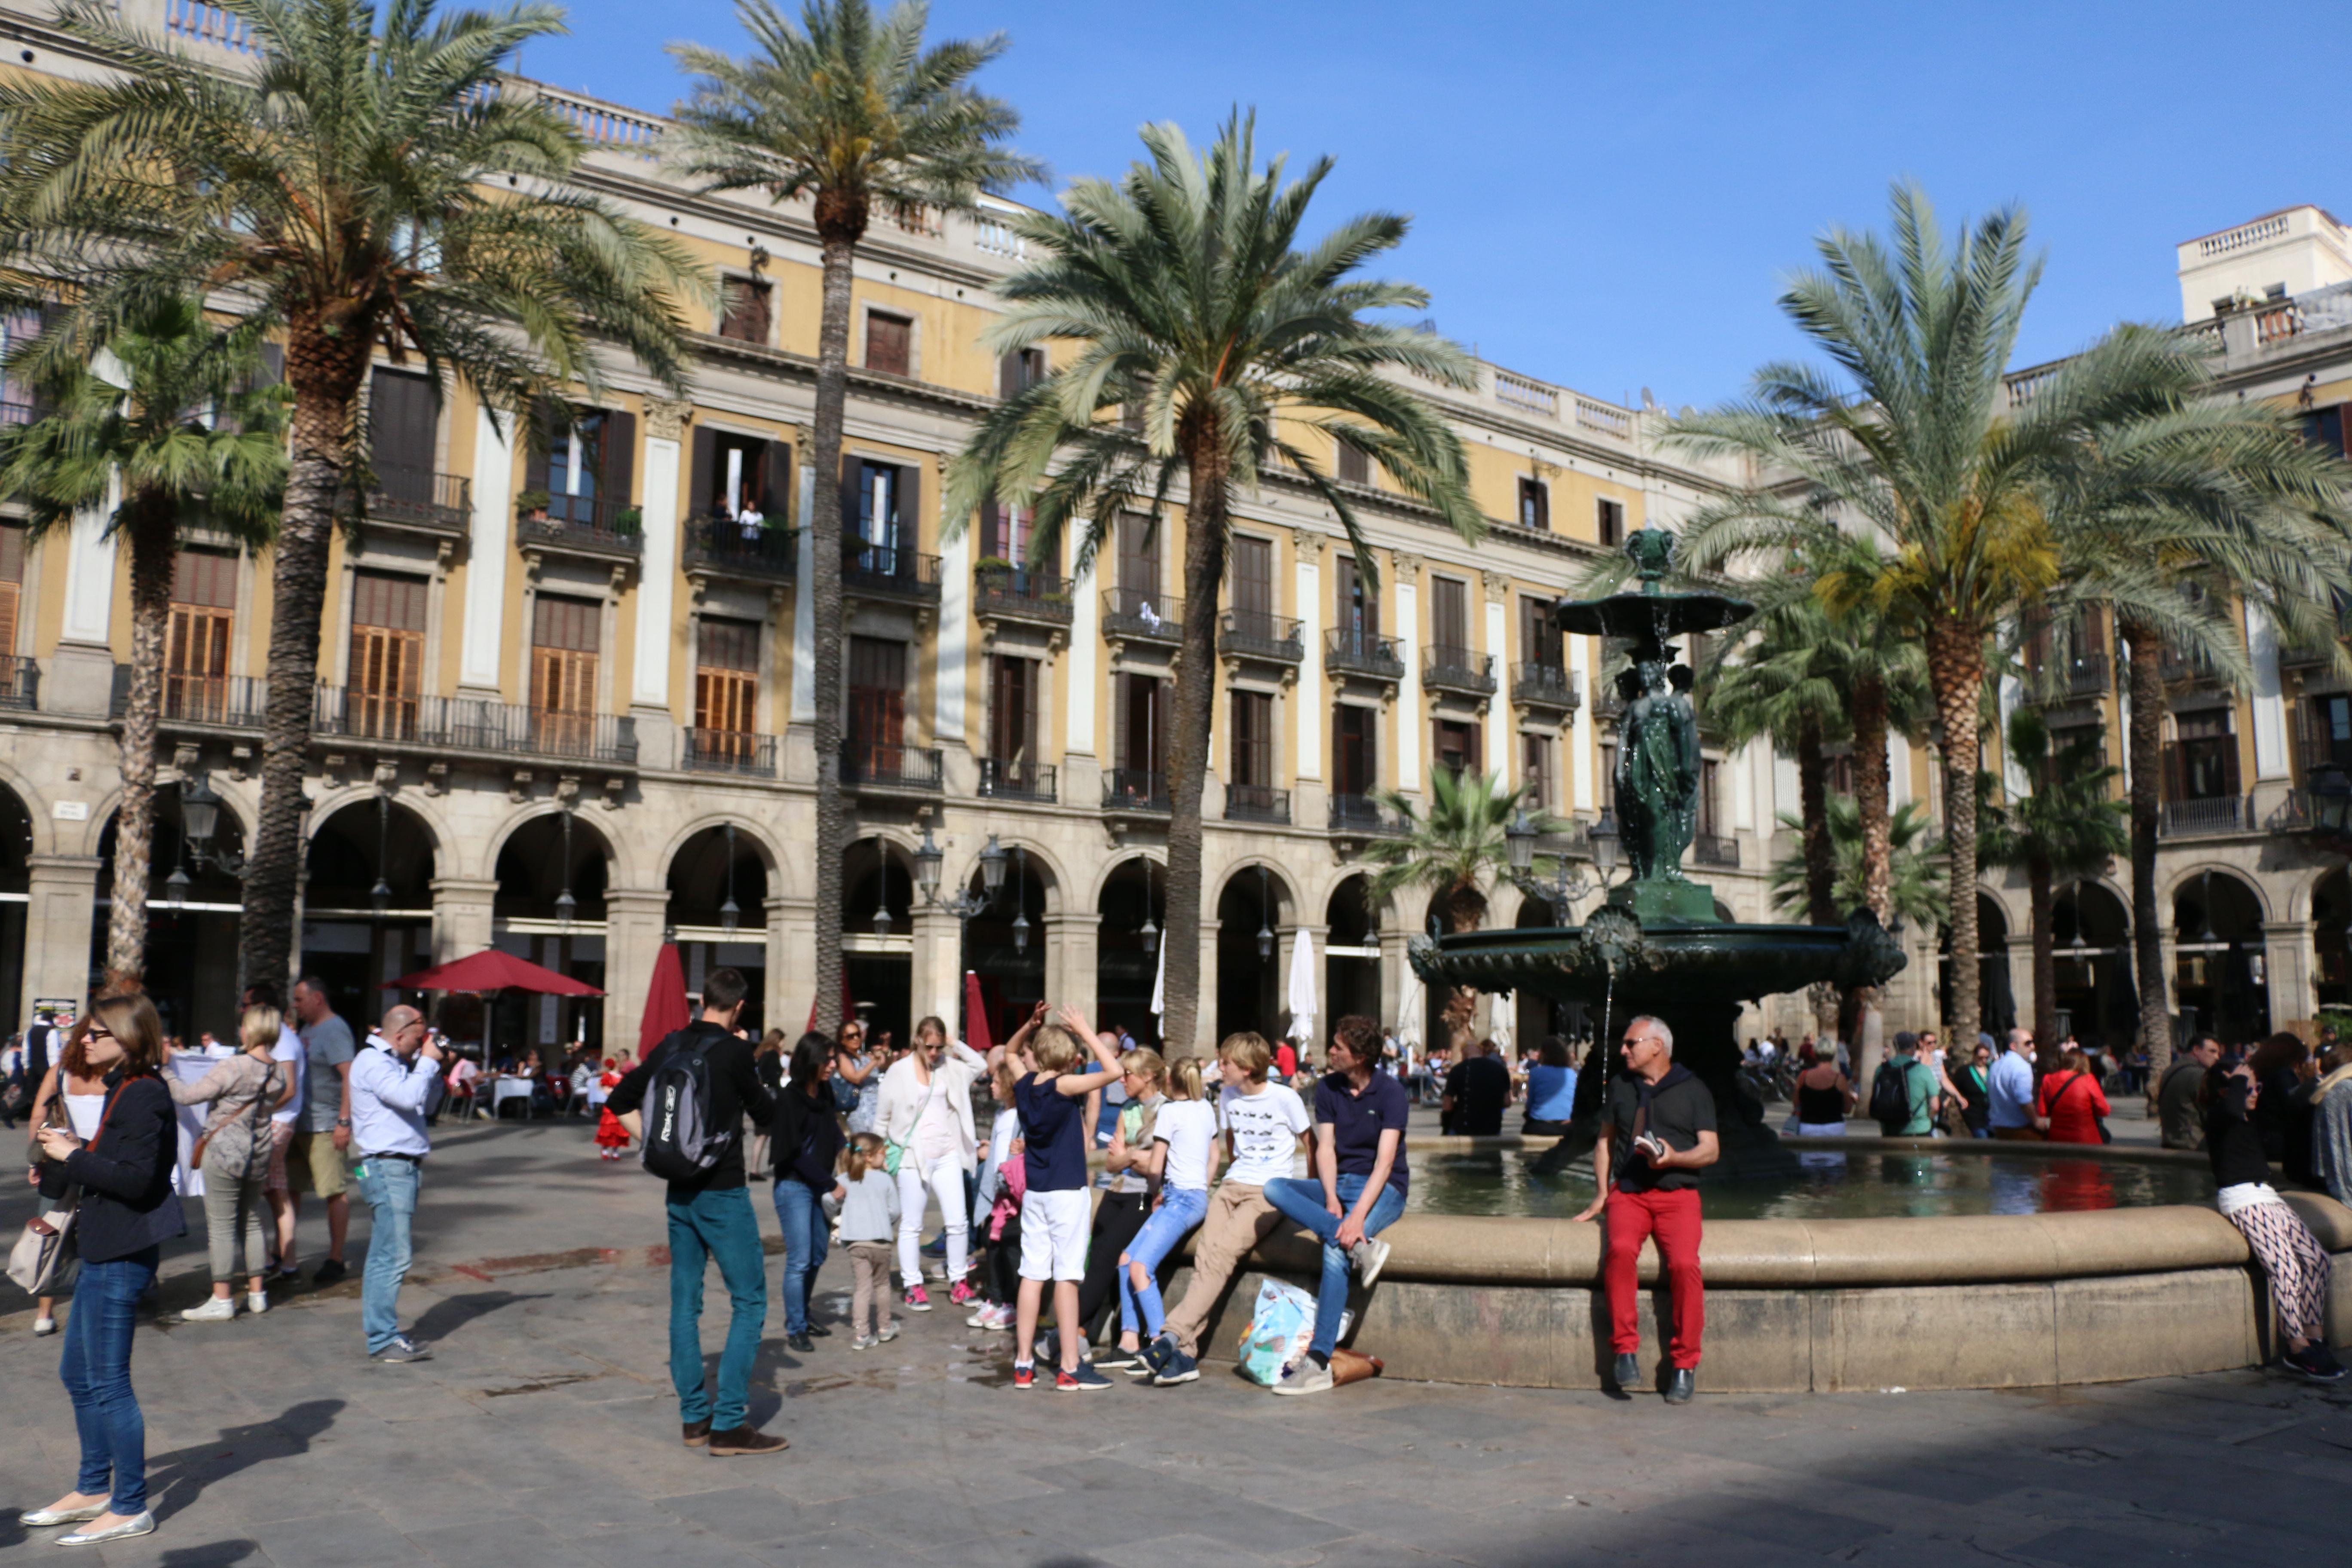 Plaza in Madrid